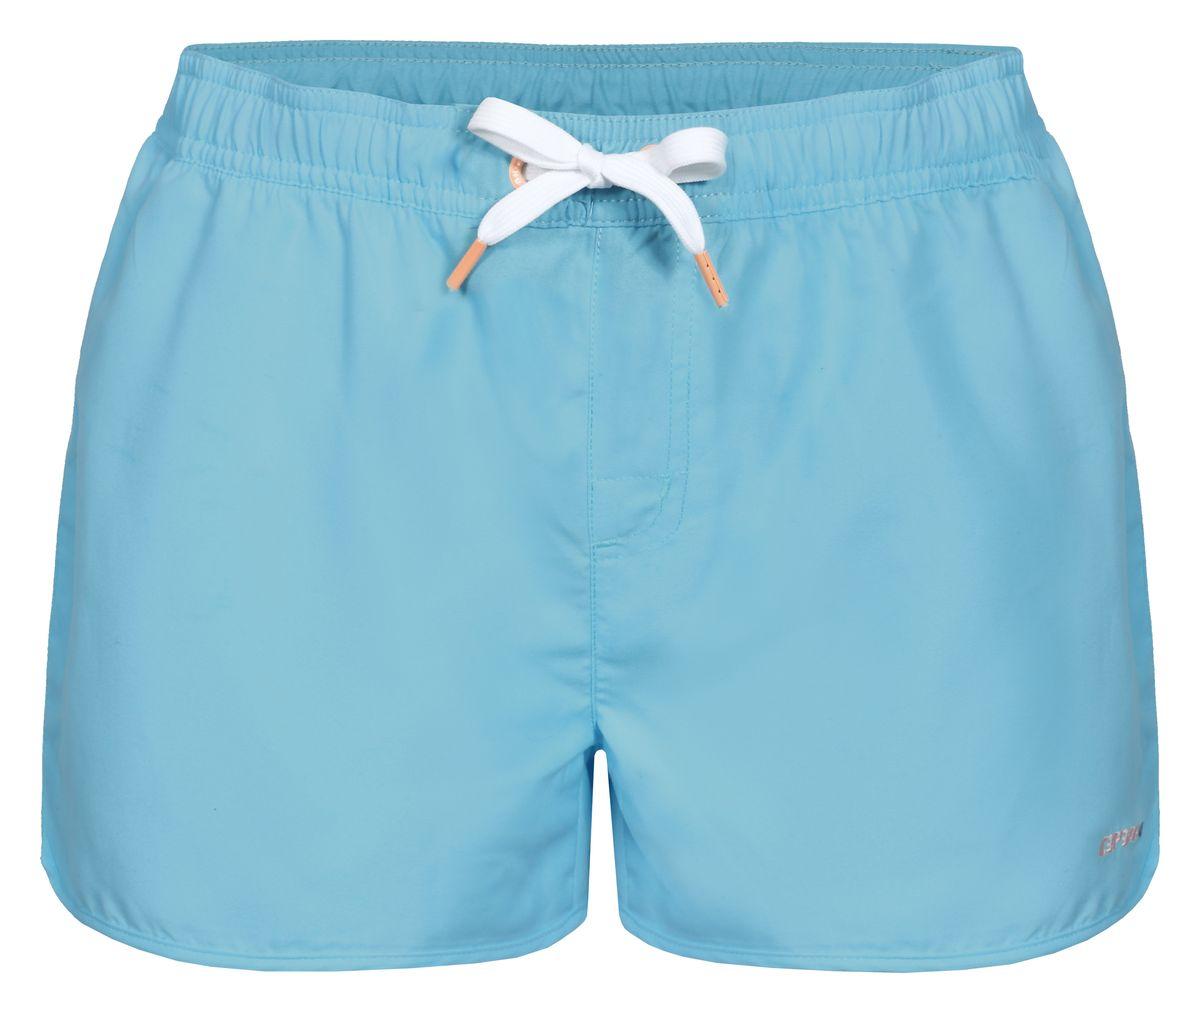 Шорты для плавания женские Icepeak Kristin, цвет: голубой. 754524513IV. Размер 40 (46)754524513IVПляжные шорты для плавания Kristin от Icepeak выполнены из мягкого и технологичного материала. Модель дополнена эластичным поясом со шнурком.